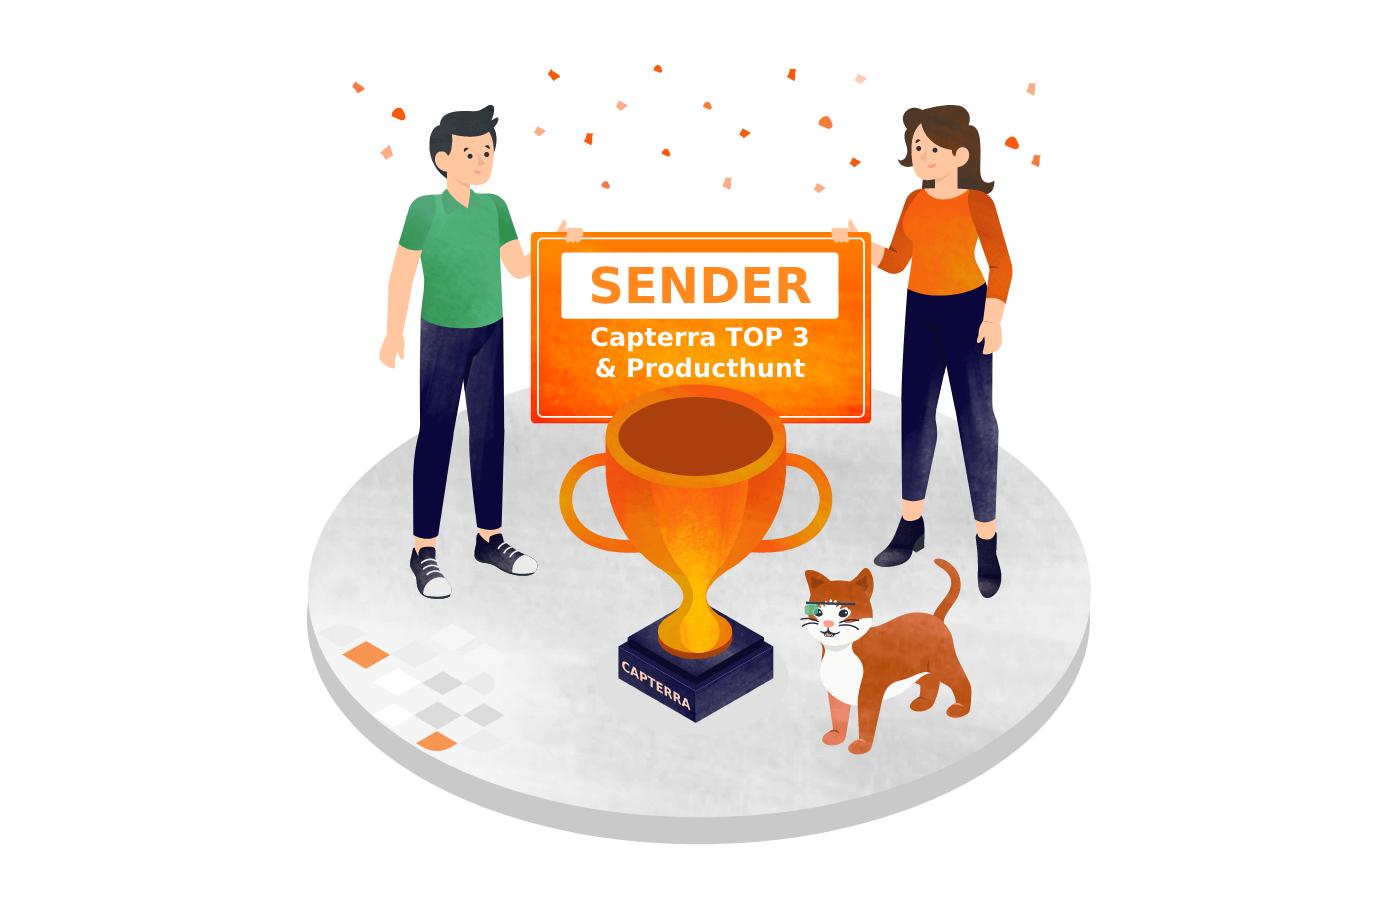 sender_strikes_as_one_of_the_best_performing_tools